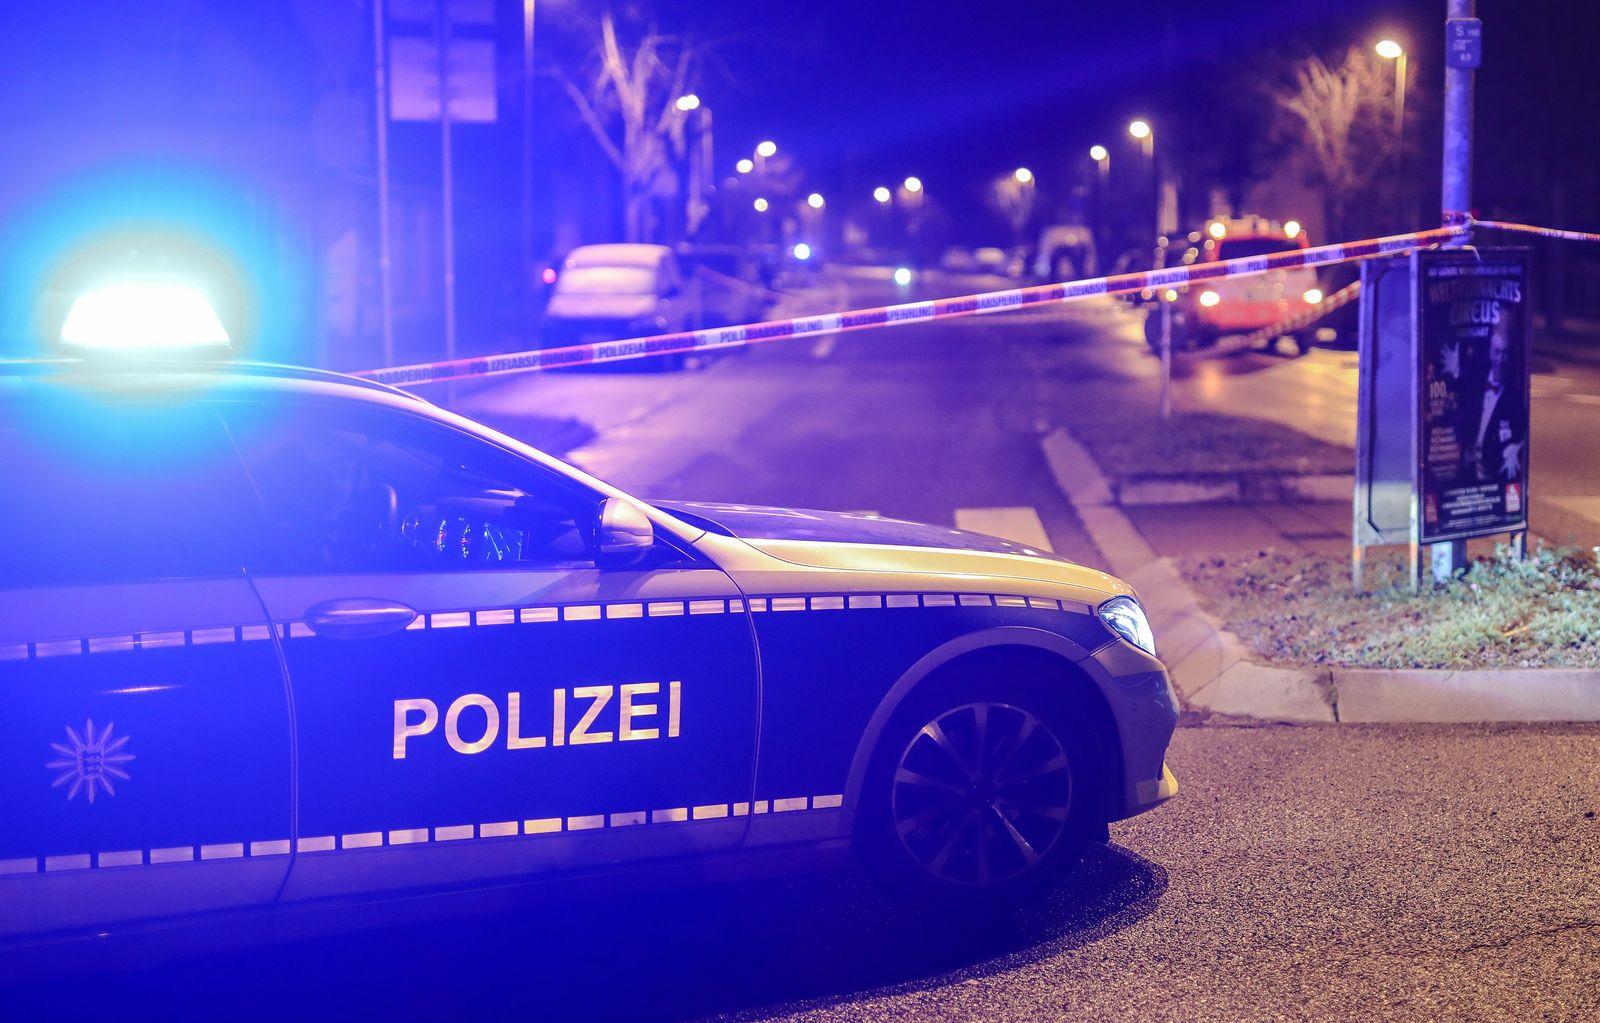 Polizei erschießt Verdächtigen